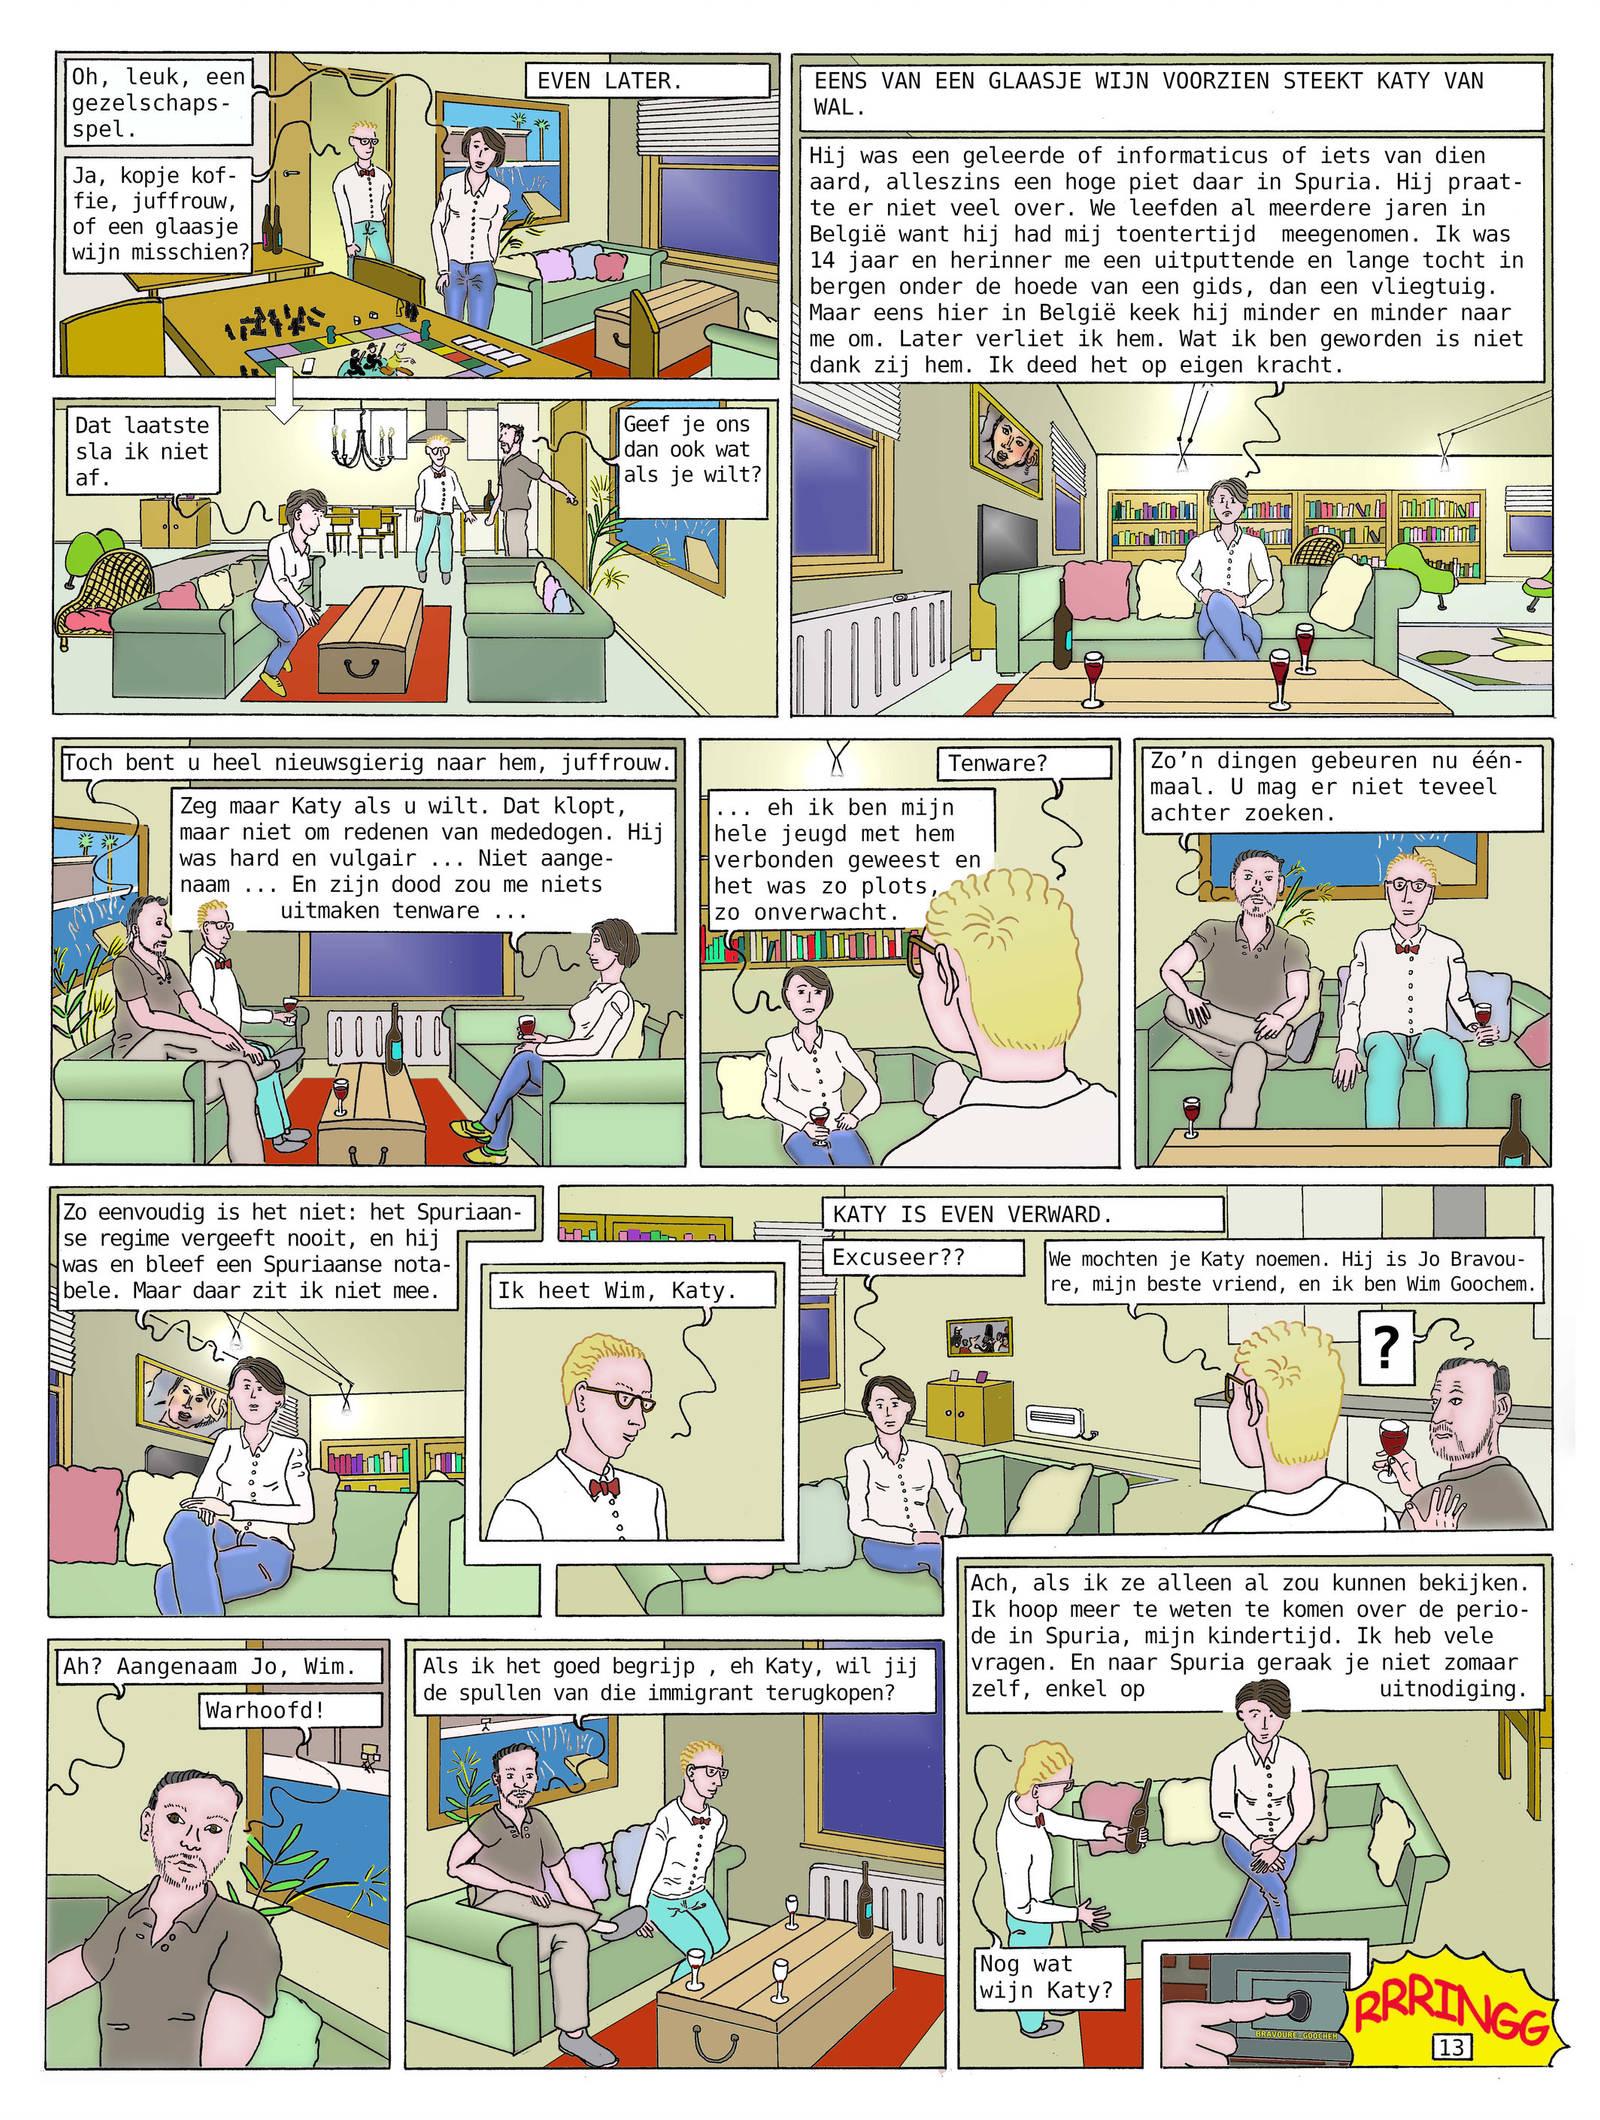 niets_staat_in_de_weg__pagina_13_van_70_